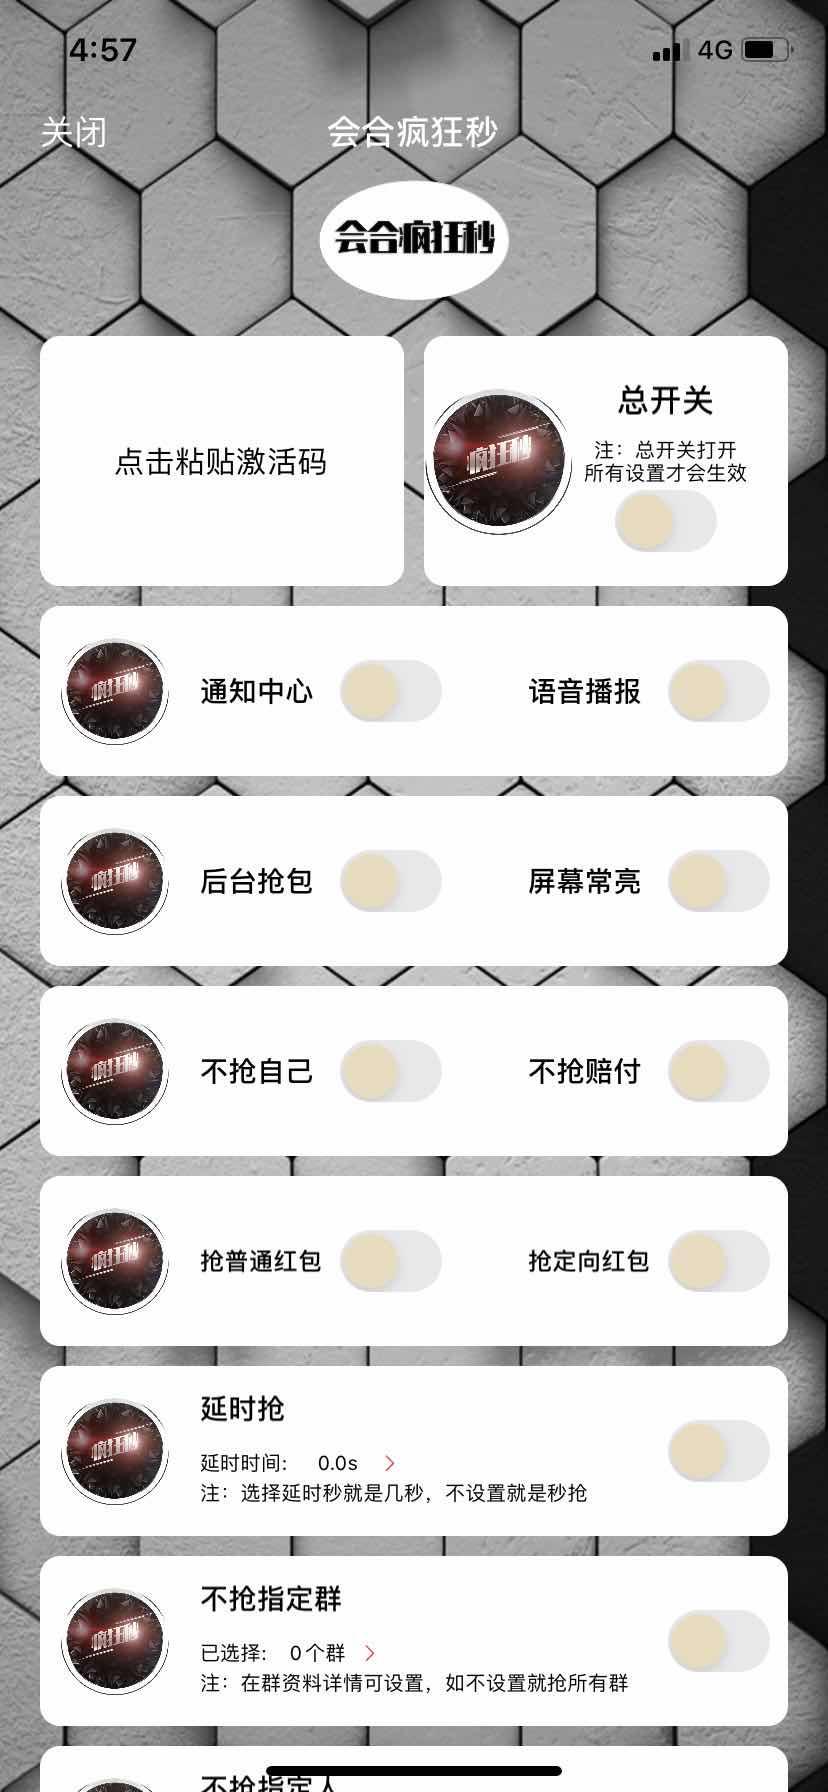 【会合疯狂秒月卡】苹果版